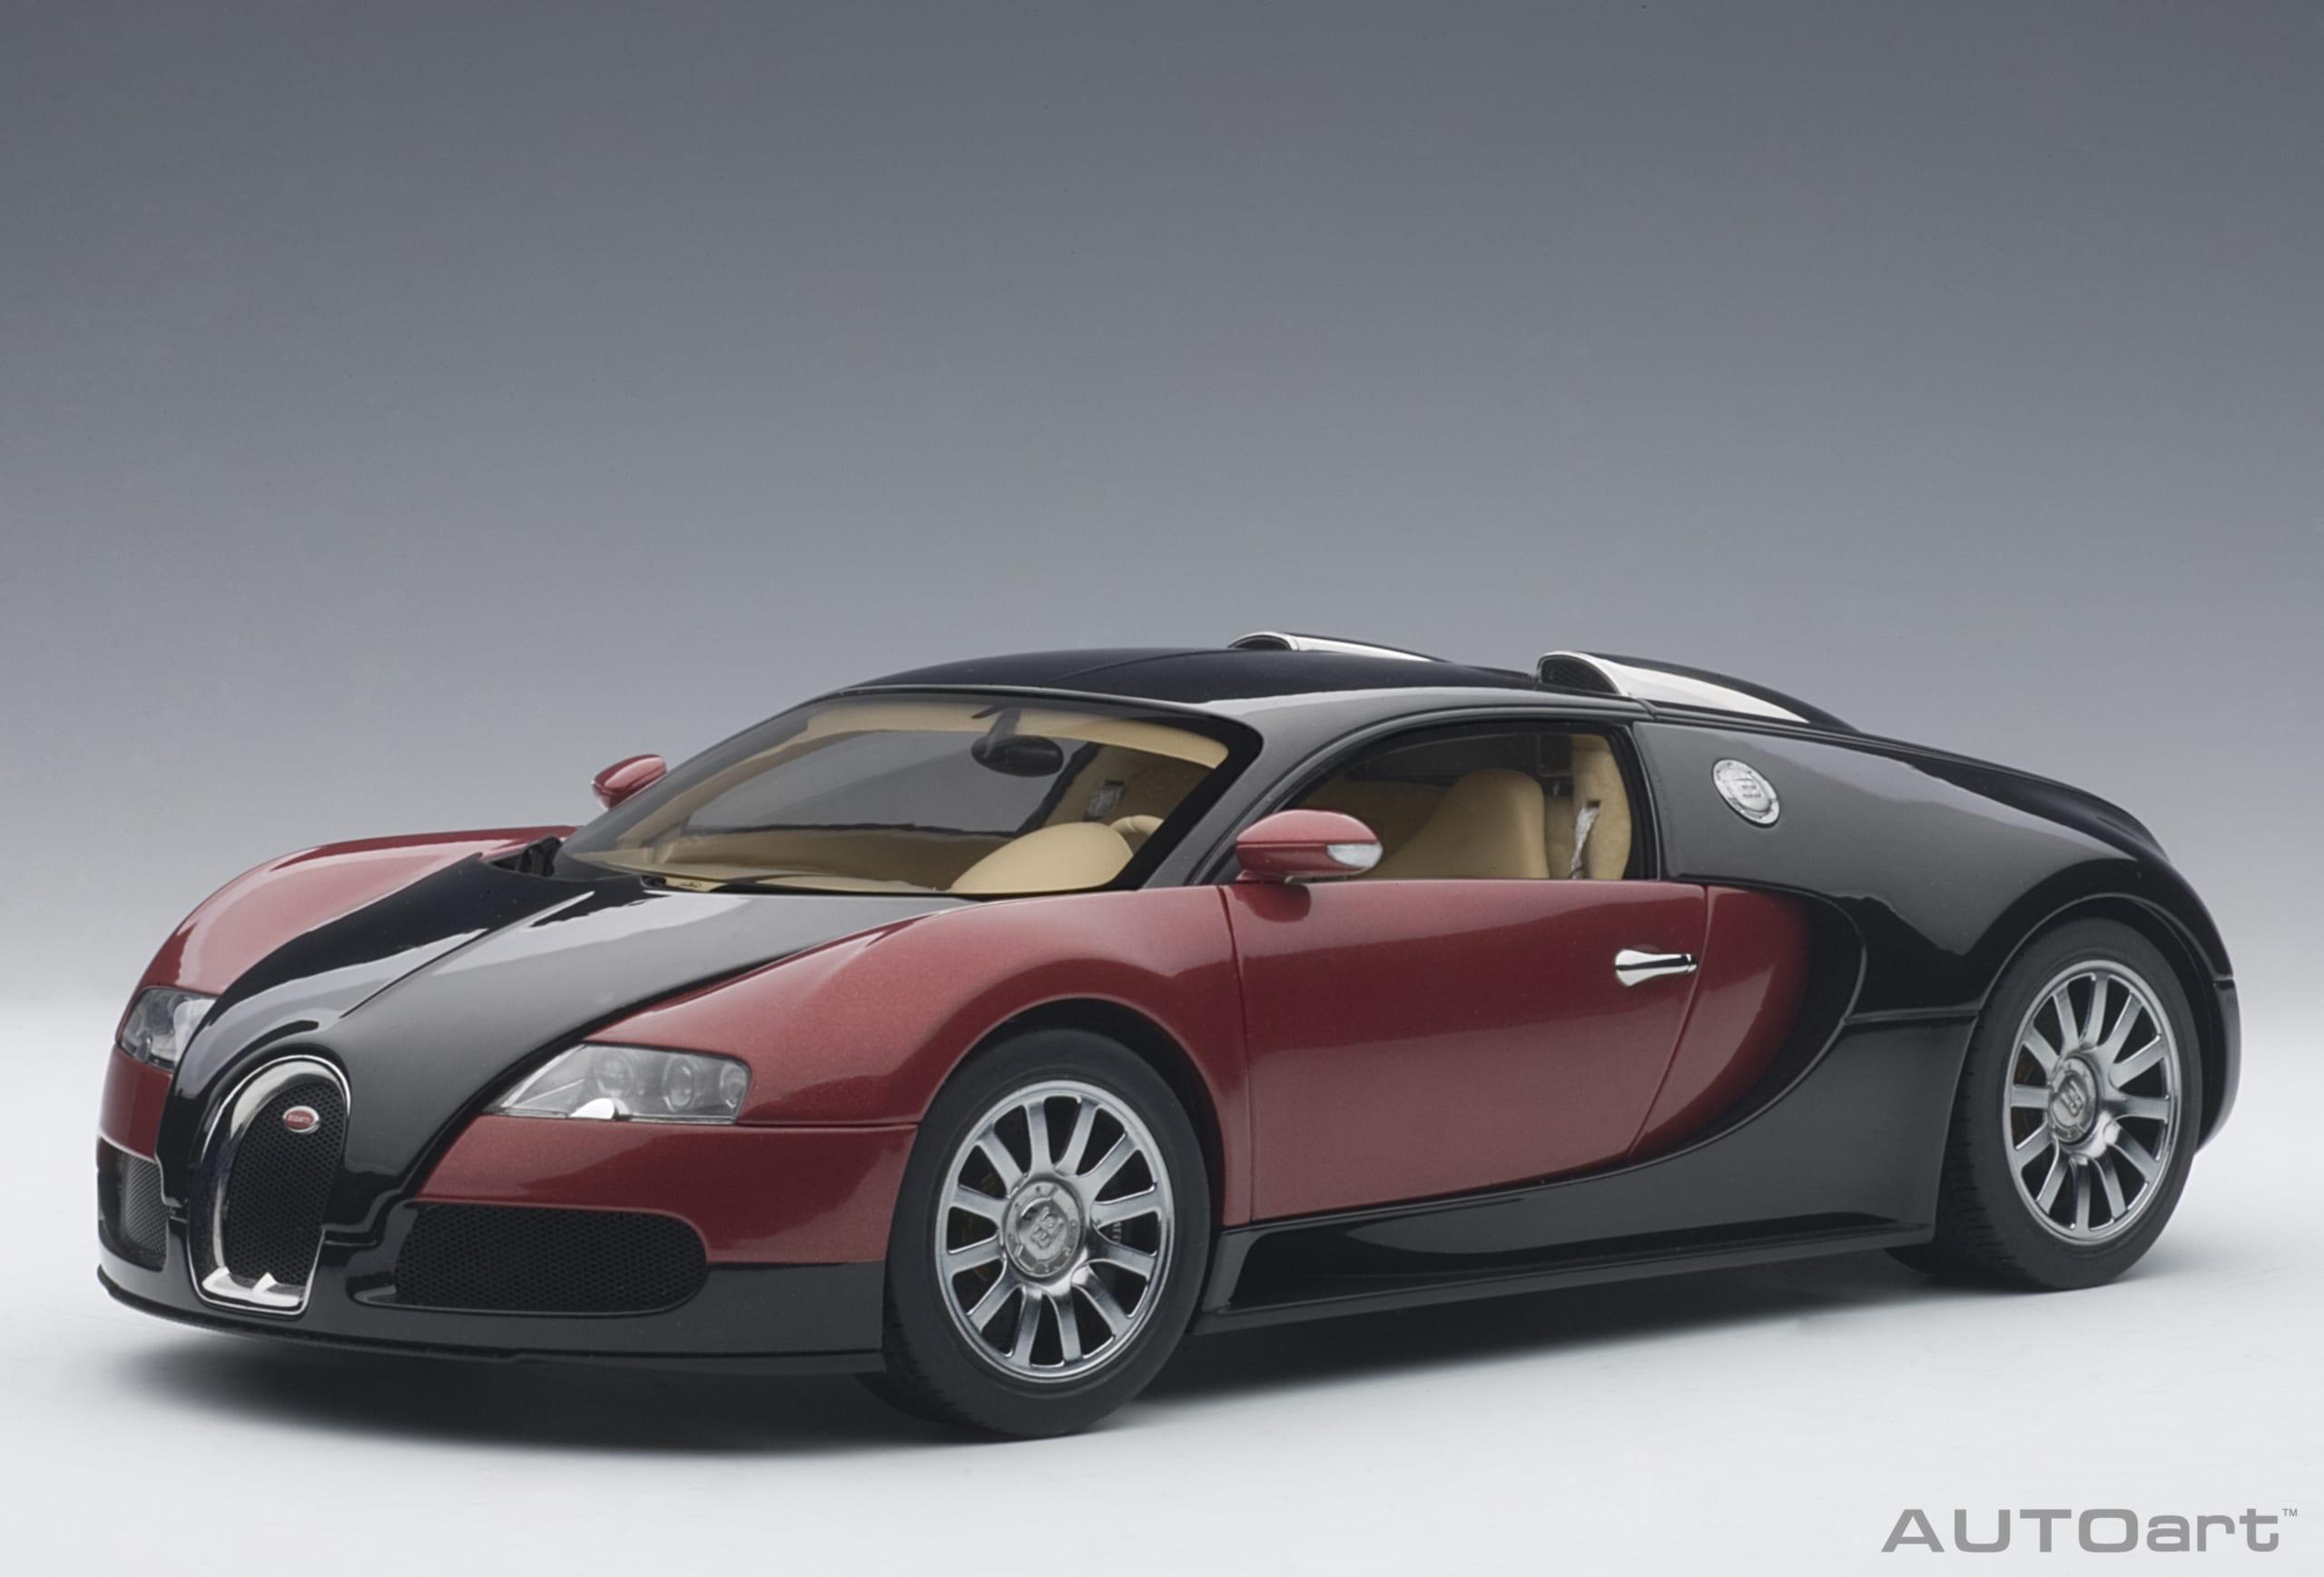 Bugatti Veyron Red Black 001 Autoart